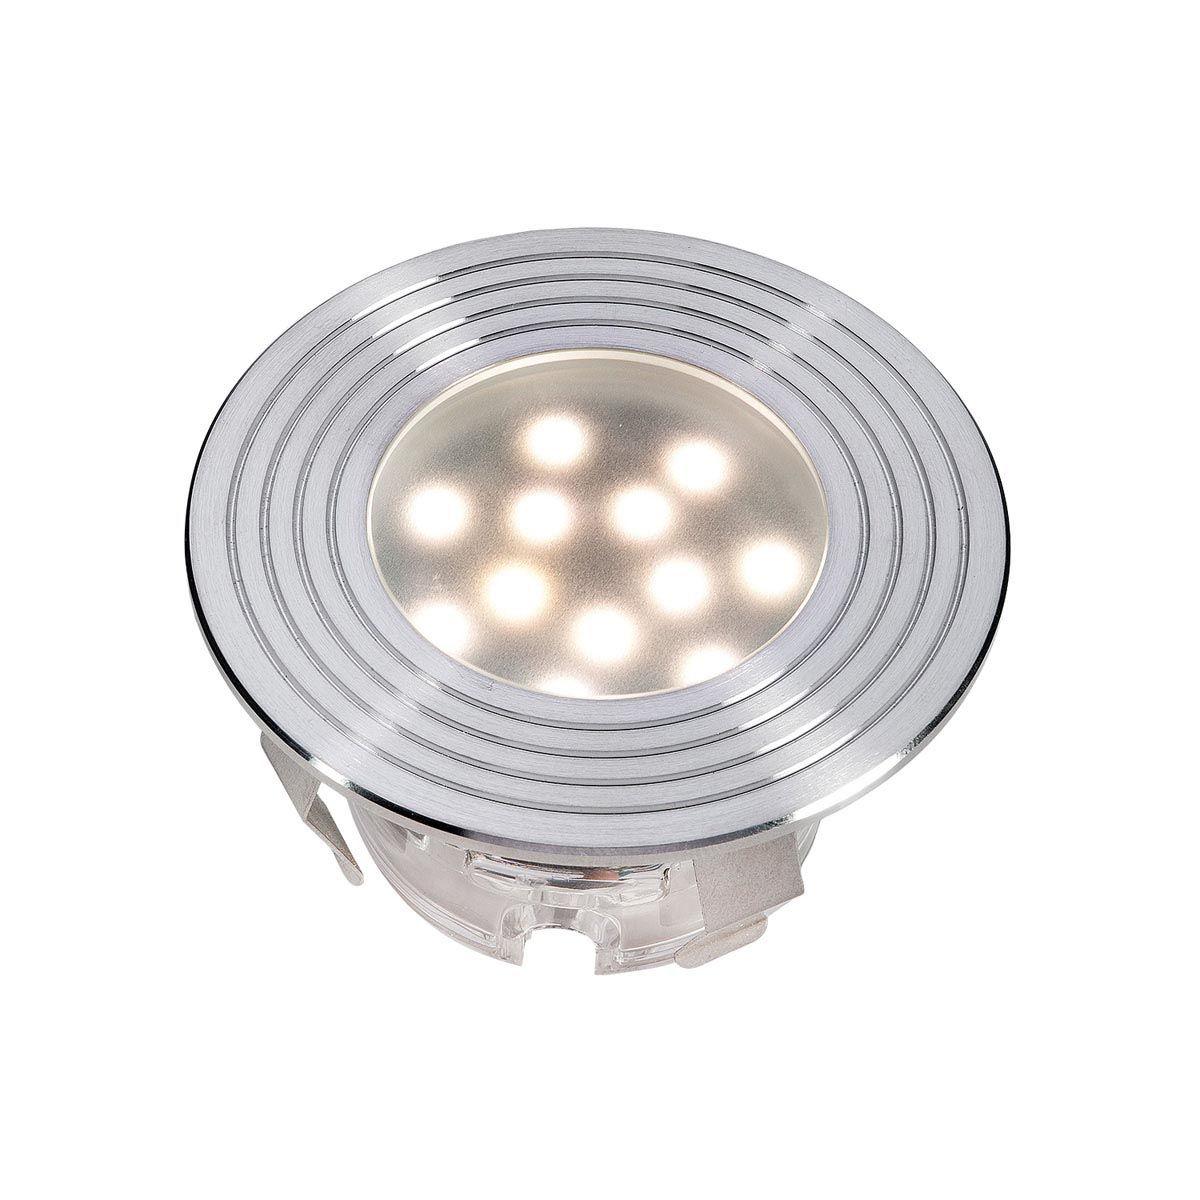 Einbauleuchte Doba R2, aus Edelstahl, 1 W LED, warm weiss, 12 V, 45 x 75 mm